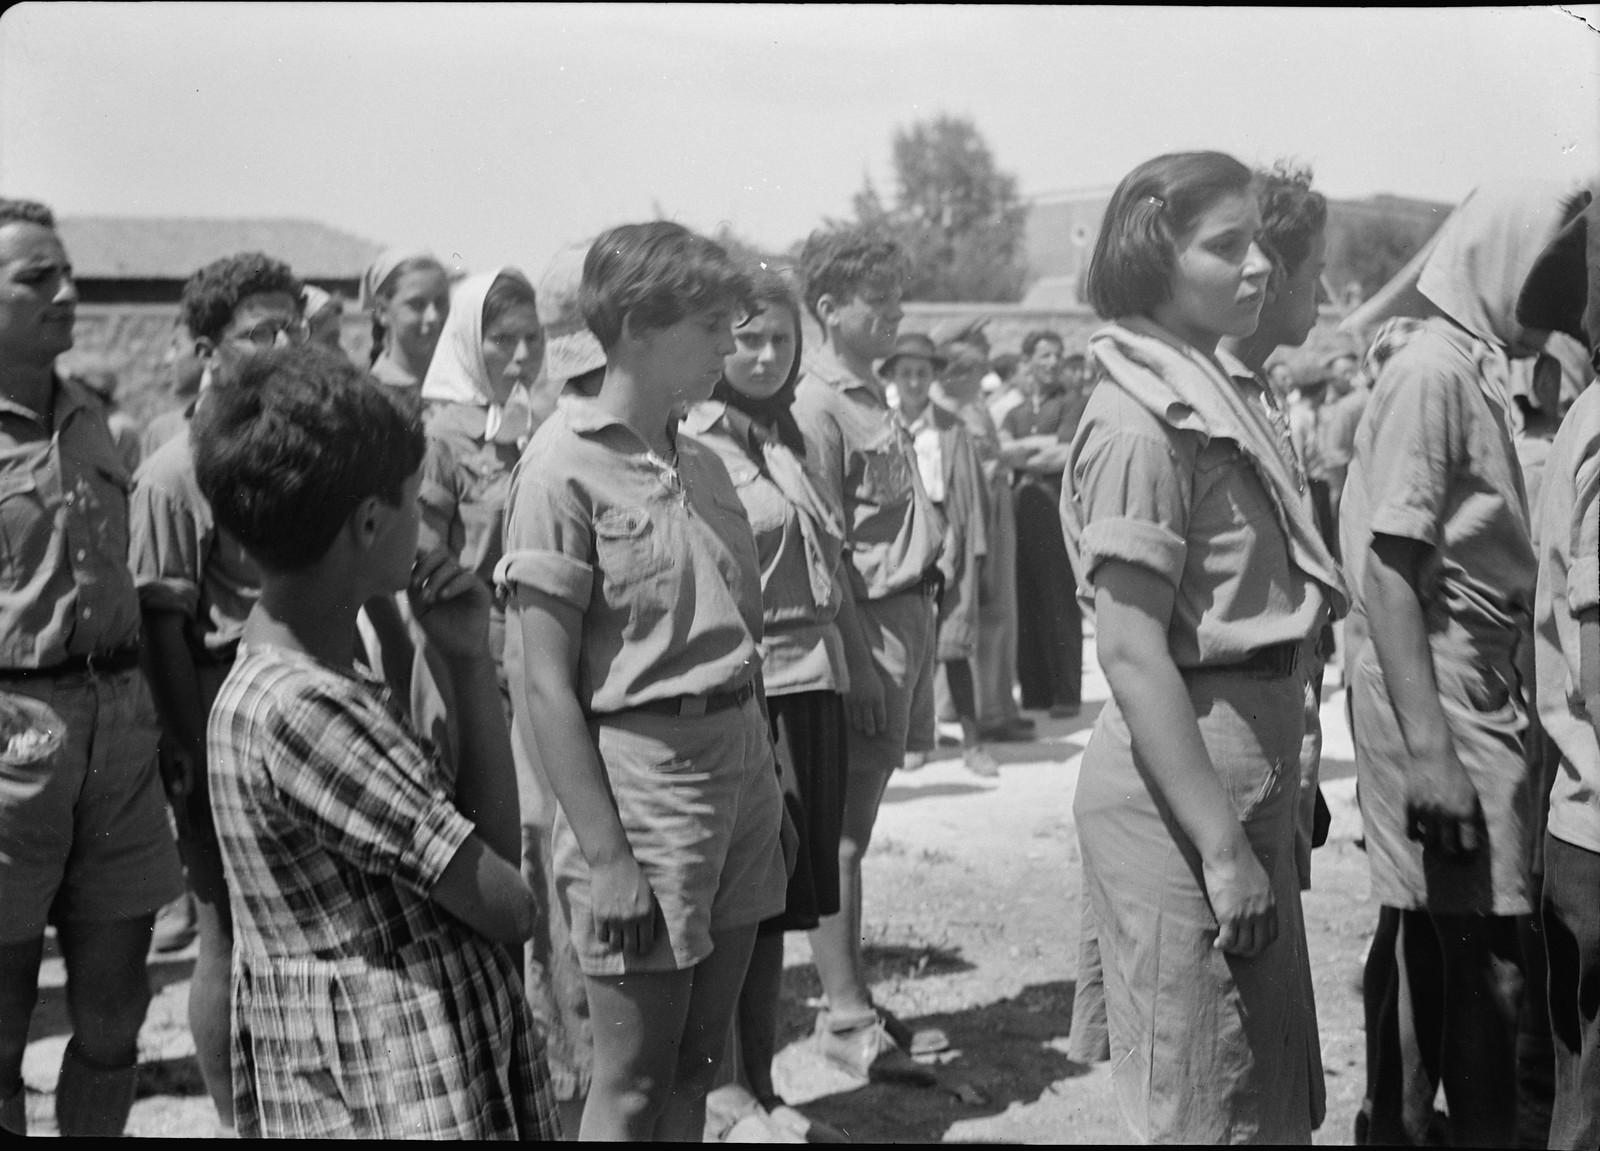 03. Юноши и девушки во время демонстрации на улице Кинг Джордж